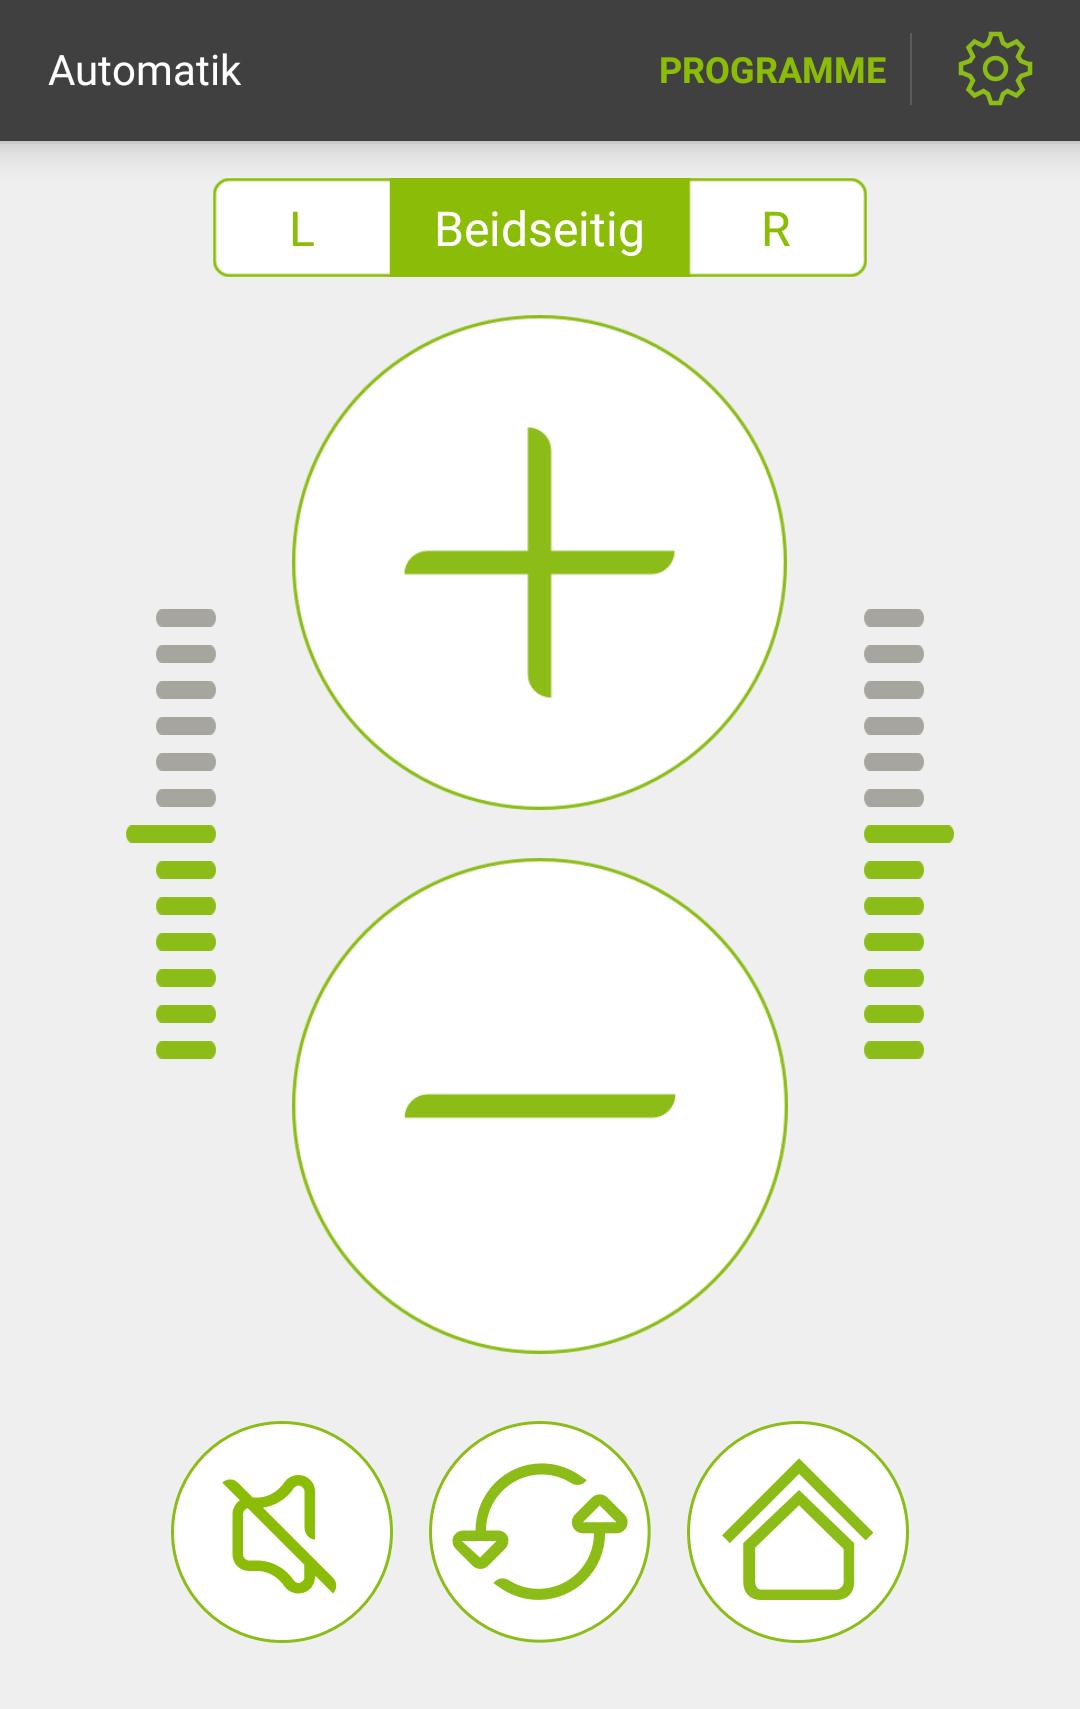 Fernbedienung: lauter/leiser, Programmwahl, Stummschaltung, Änderungen zurücksetzen.